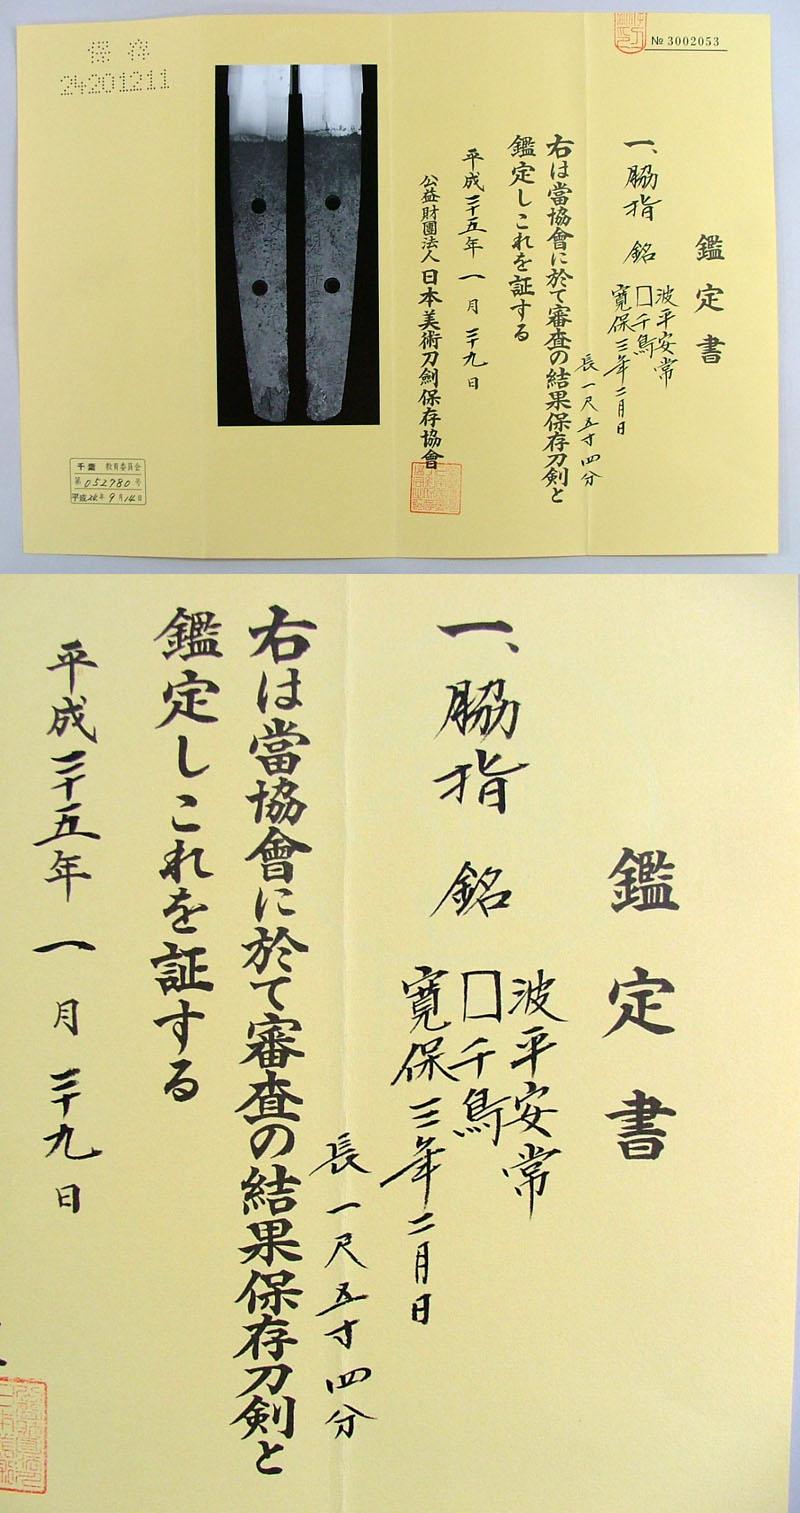 波平安常 Picture of Certificate